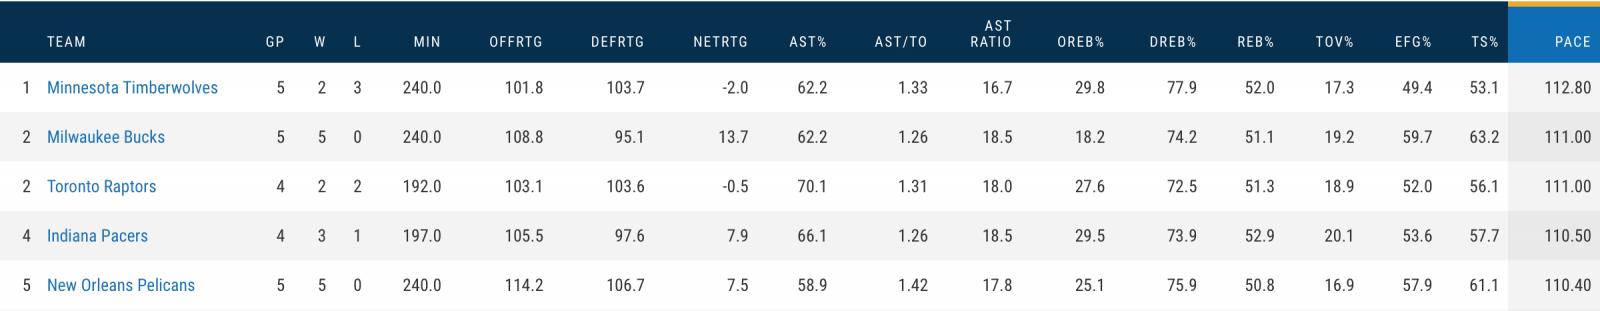 NBA Preseason Pace